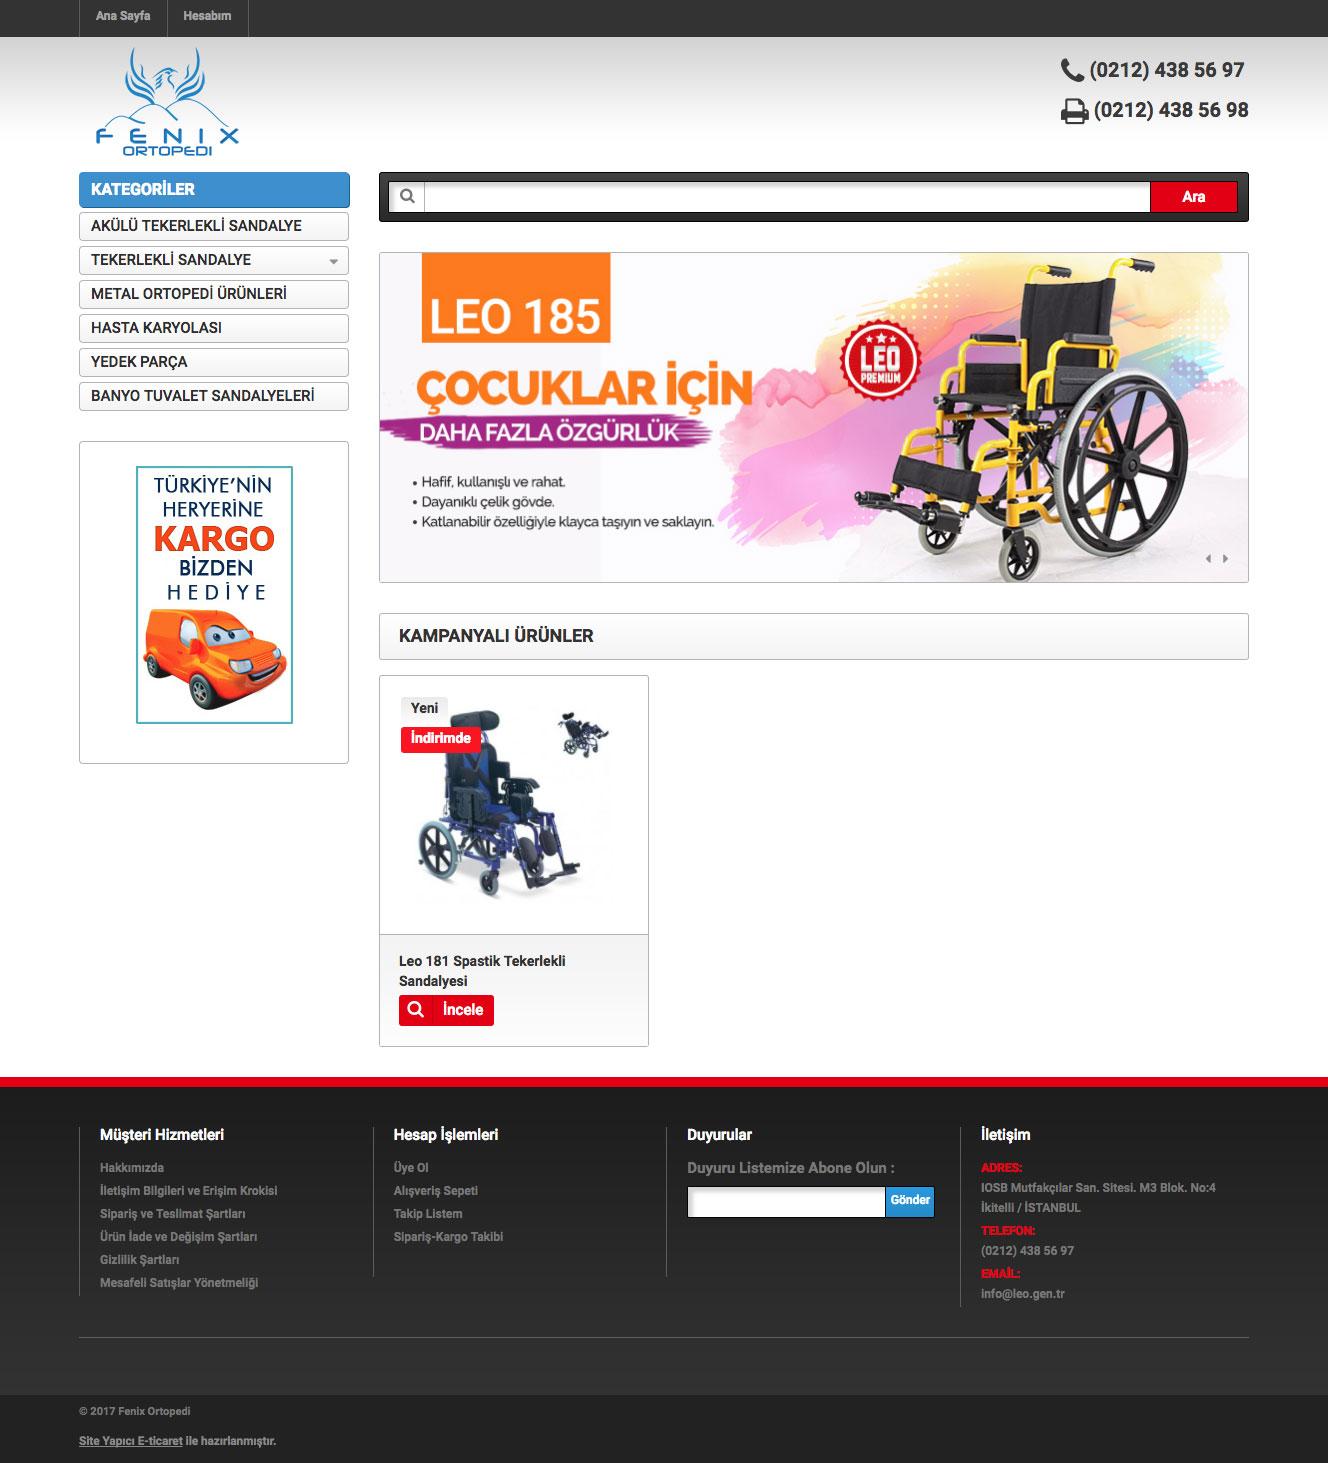 Fenix Ortopedi Web Sitesi